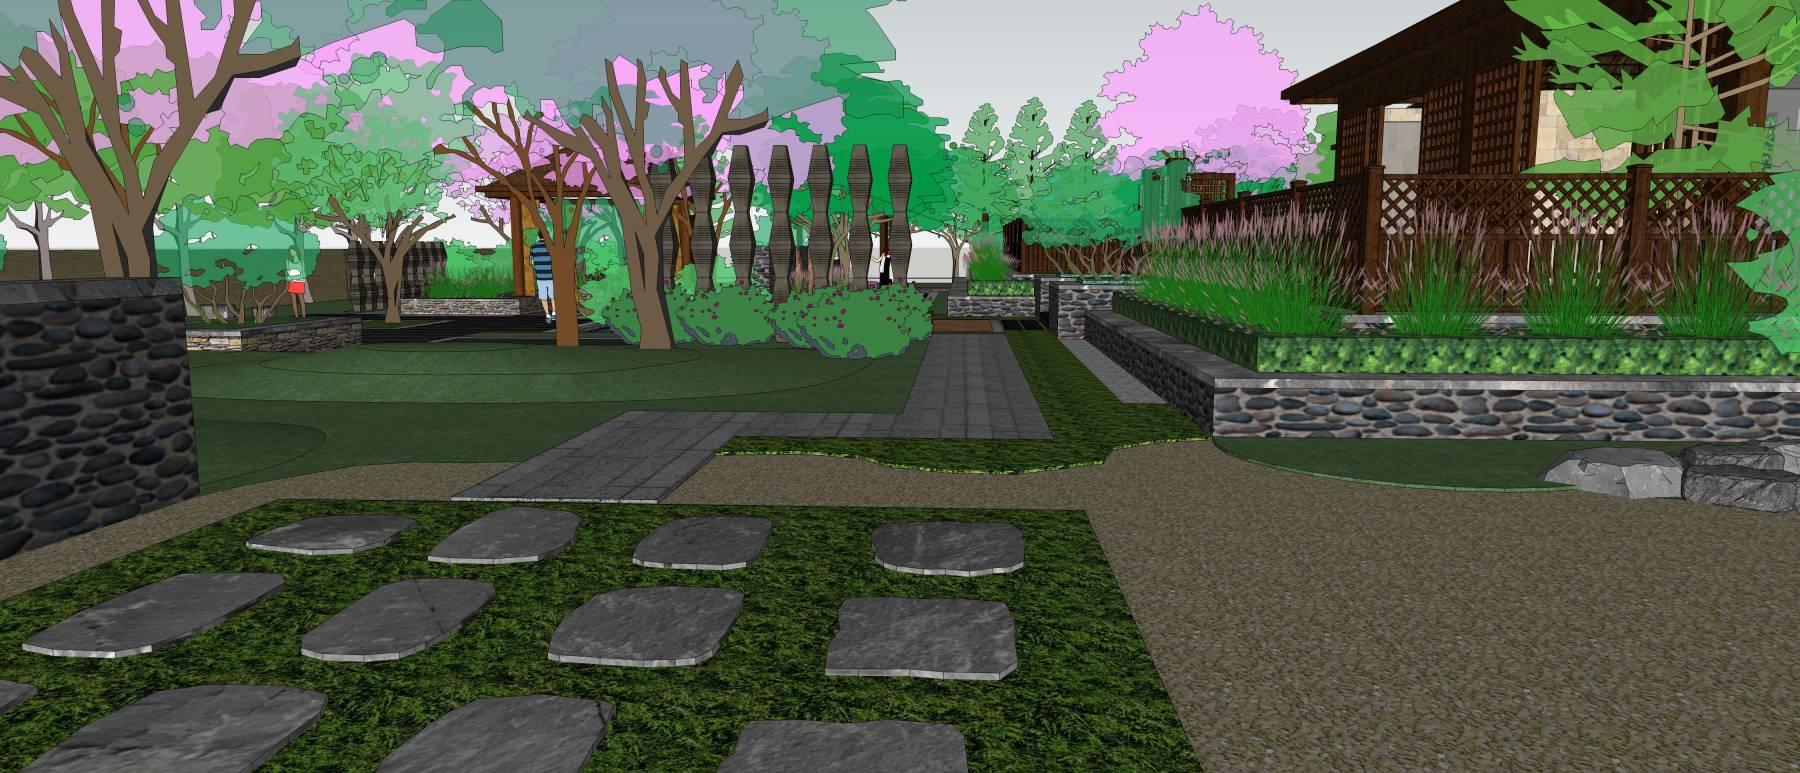 中式温泉庭院景观设计